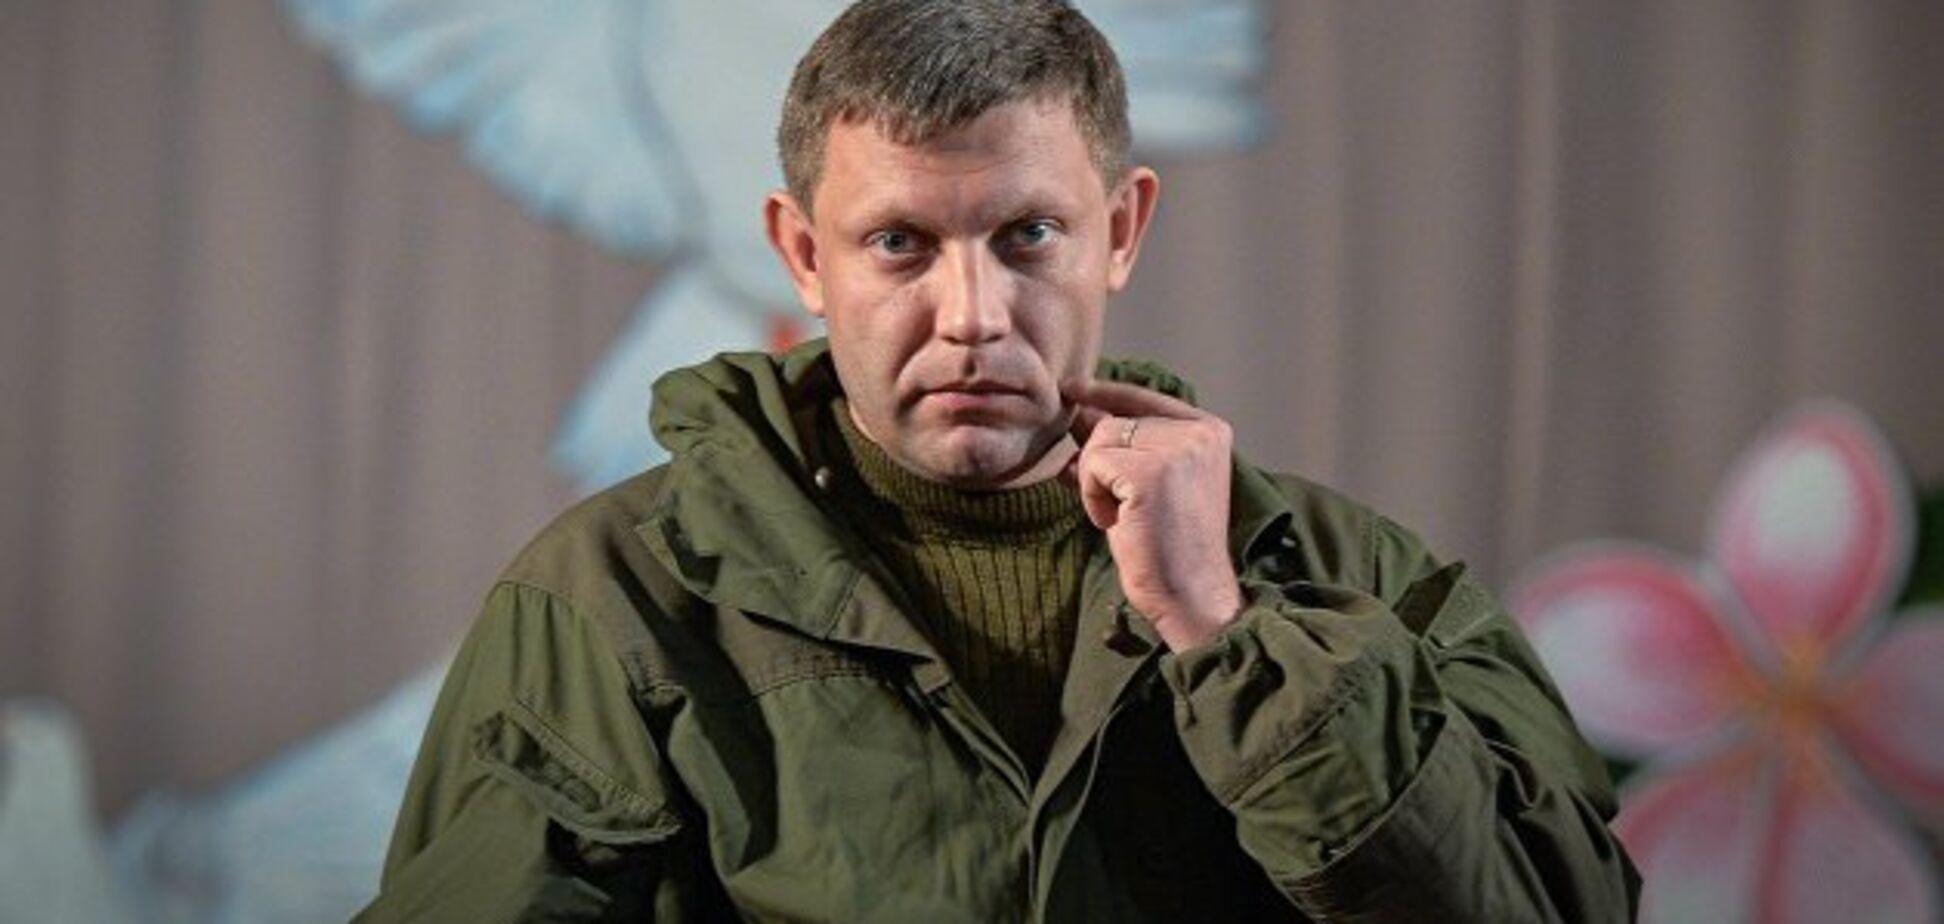 'Взрывная волна и огонь': в 'ДНР' рассказали, как погиб Захарченко